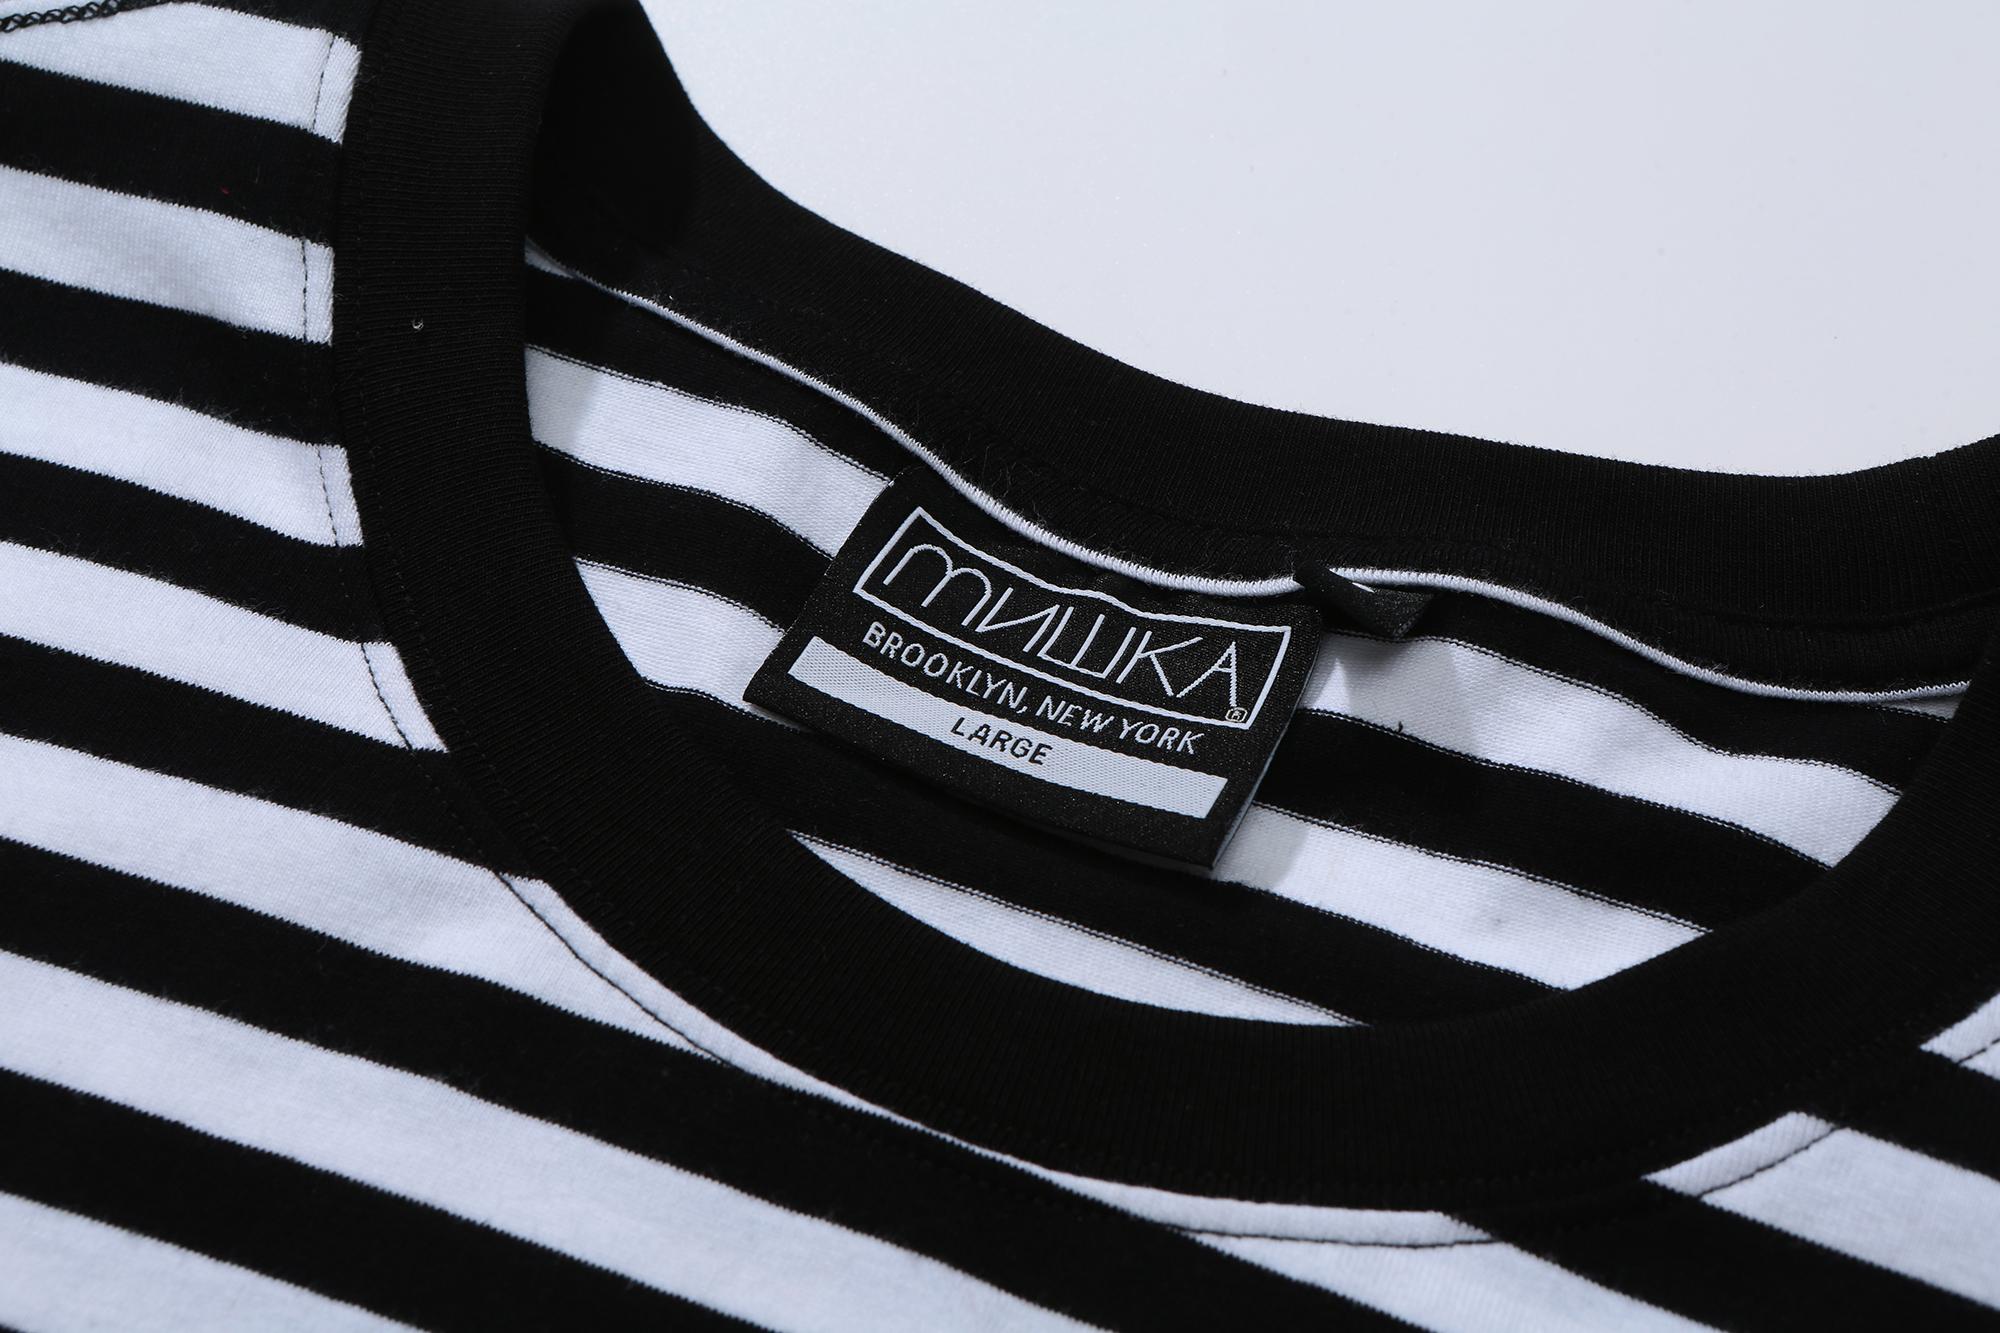 Bummer Striped Knit Tee